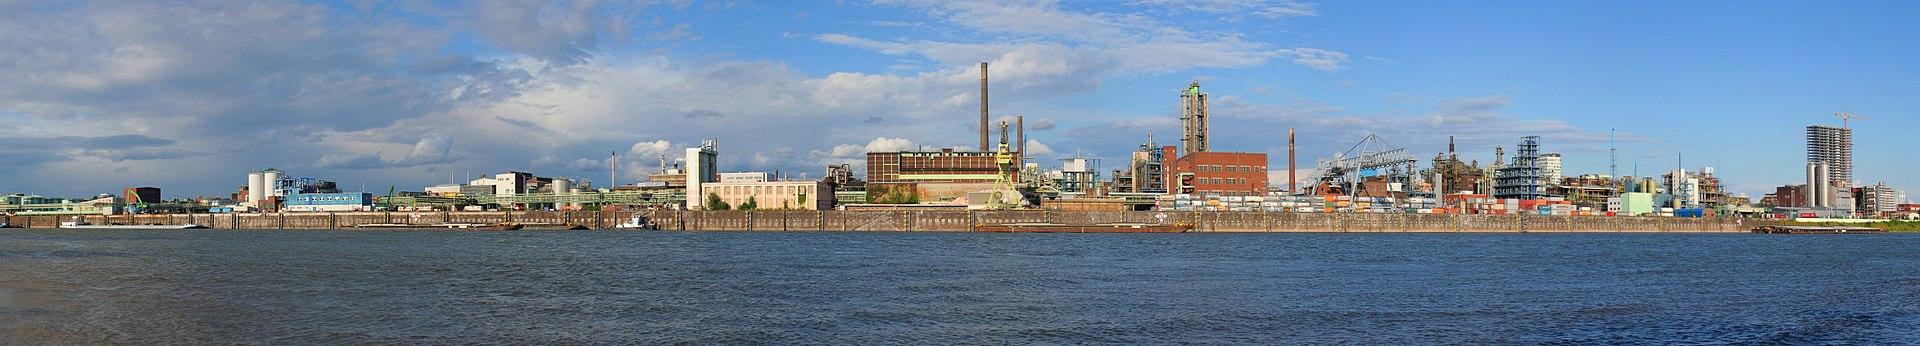 Kennzahlen - Werk der Bayer AG am Rhein